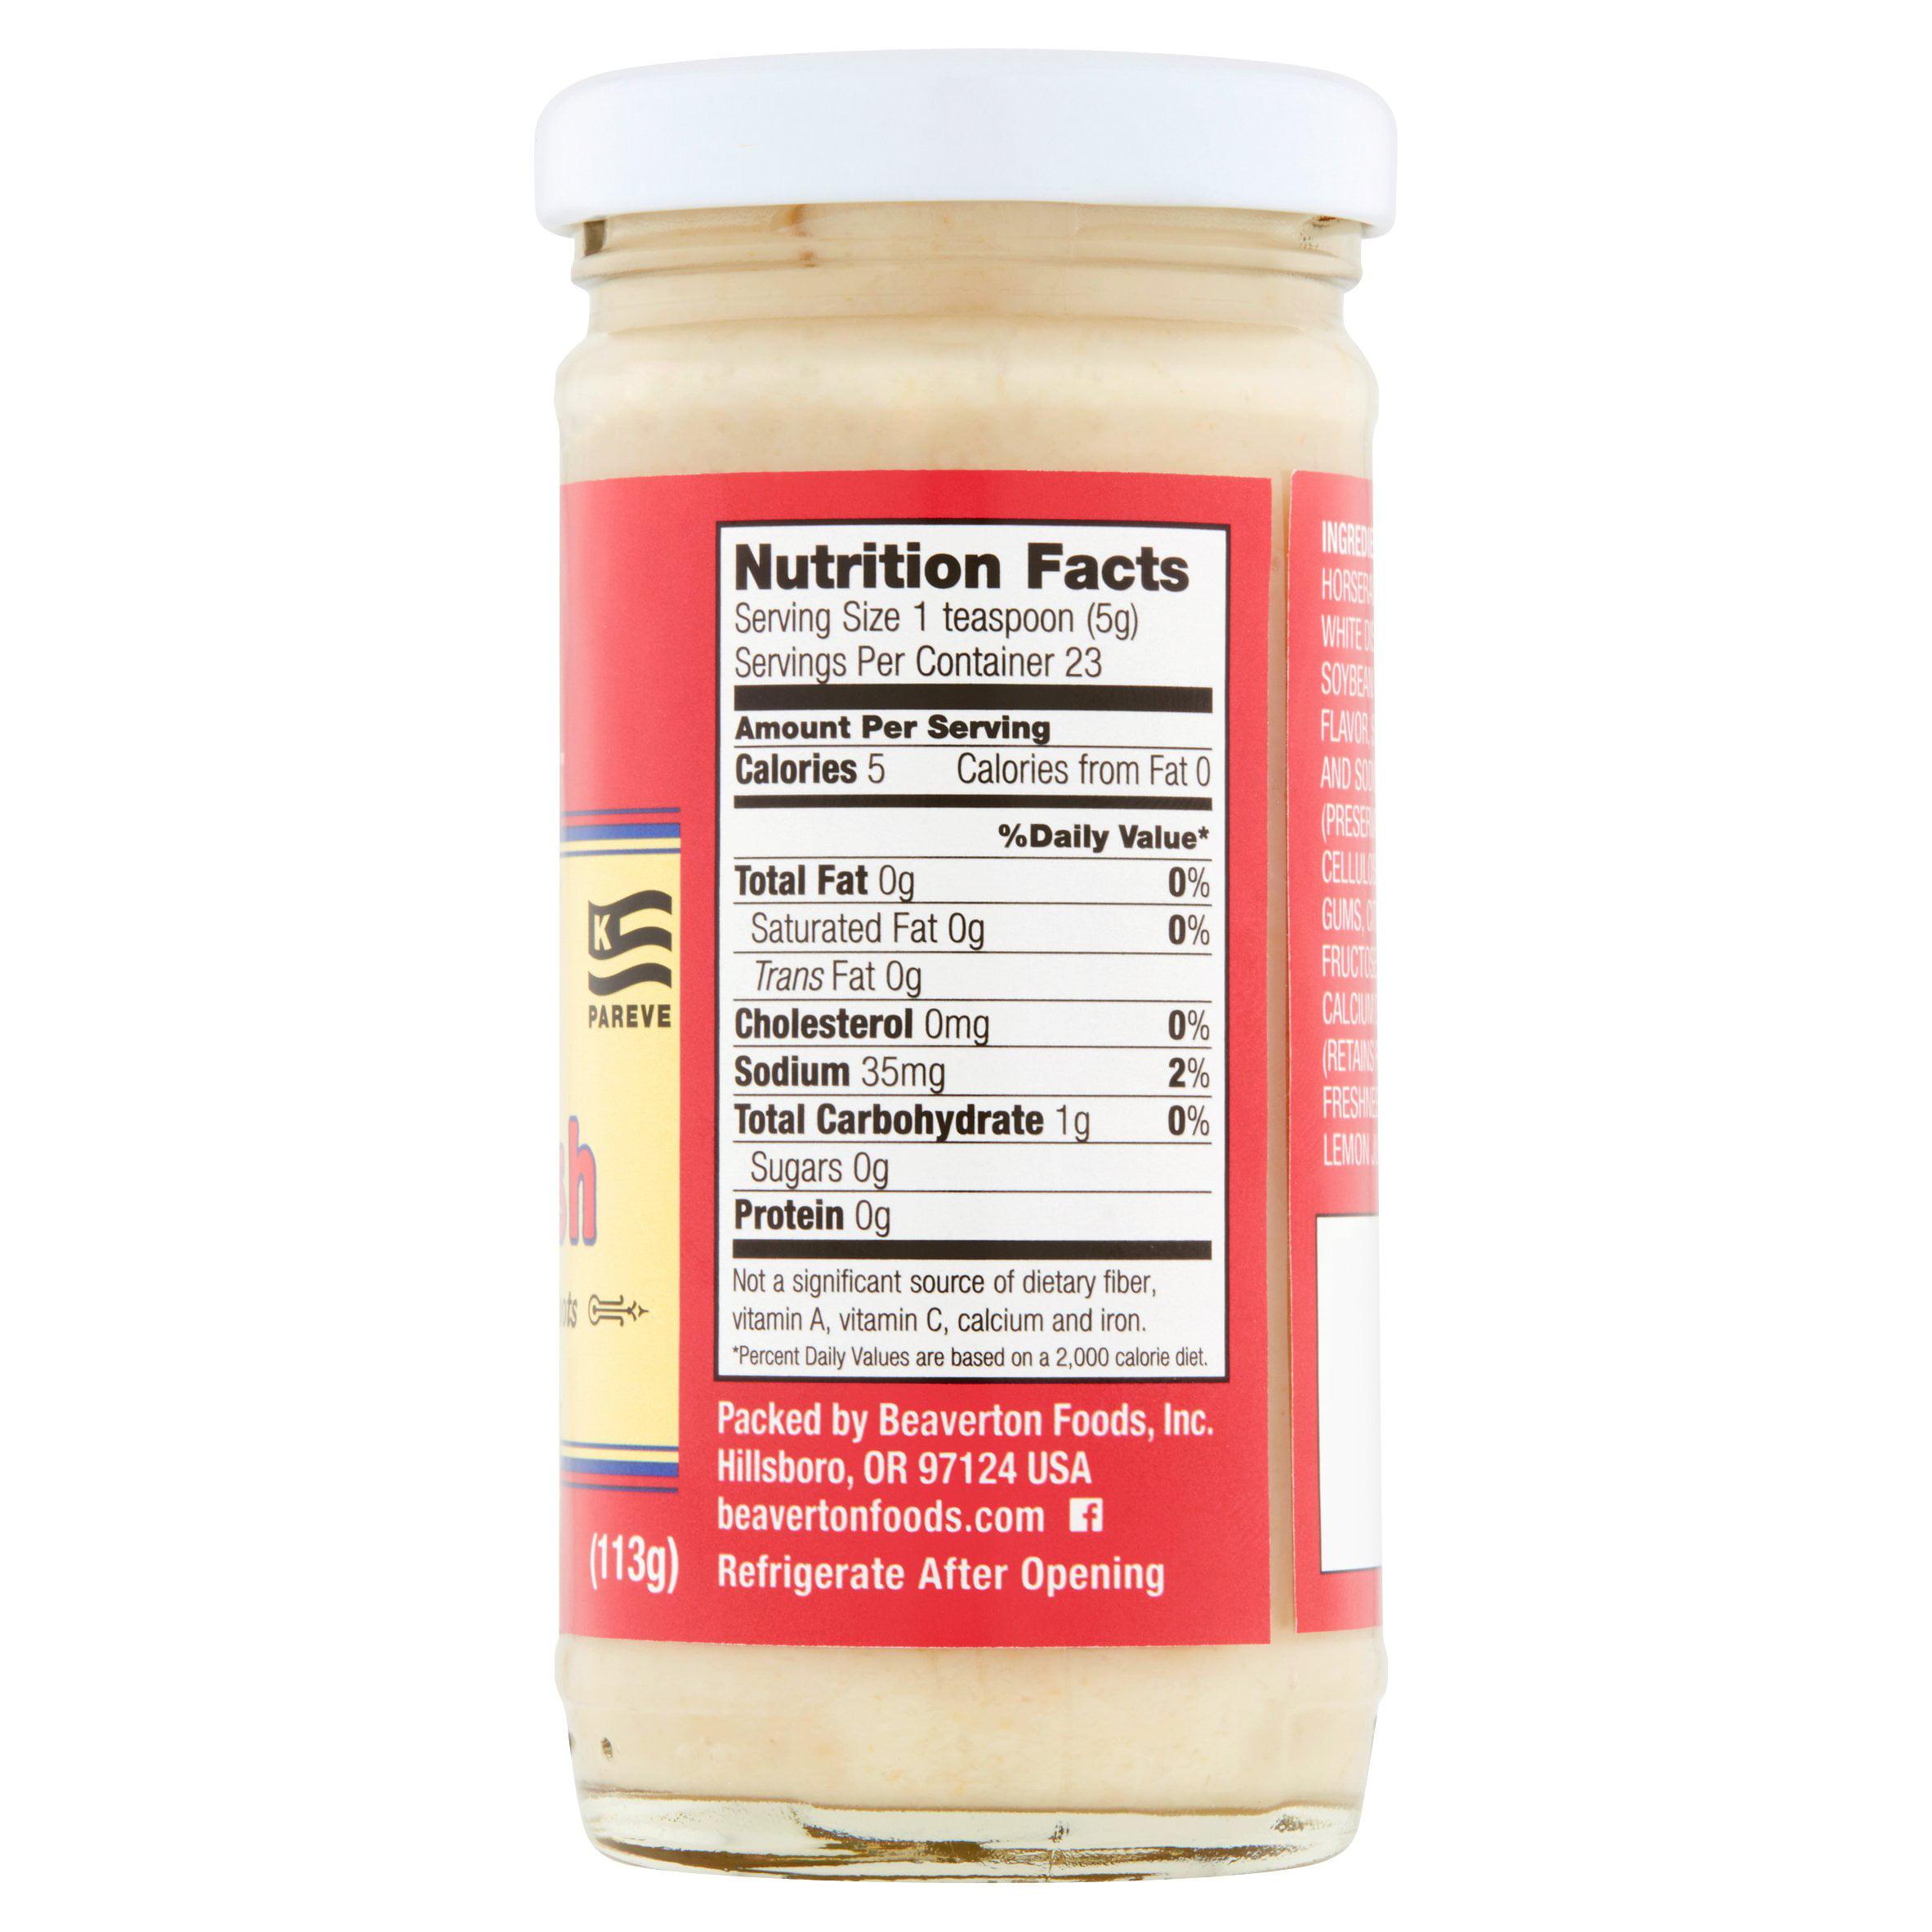 Beaver Brand Extra Hot Horseradish 4 Oz Walmart Com Walmart Com